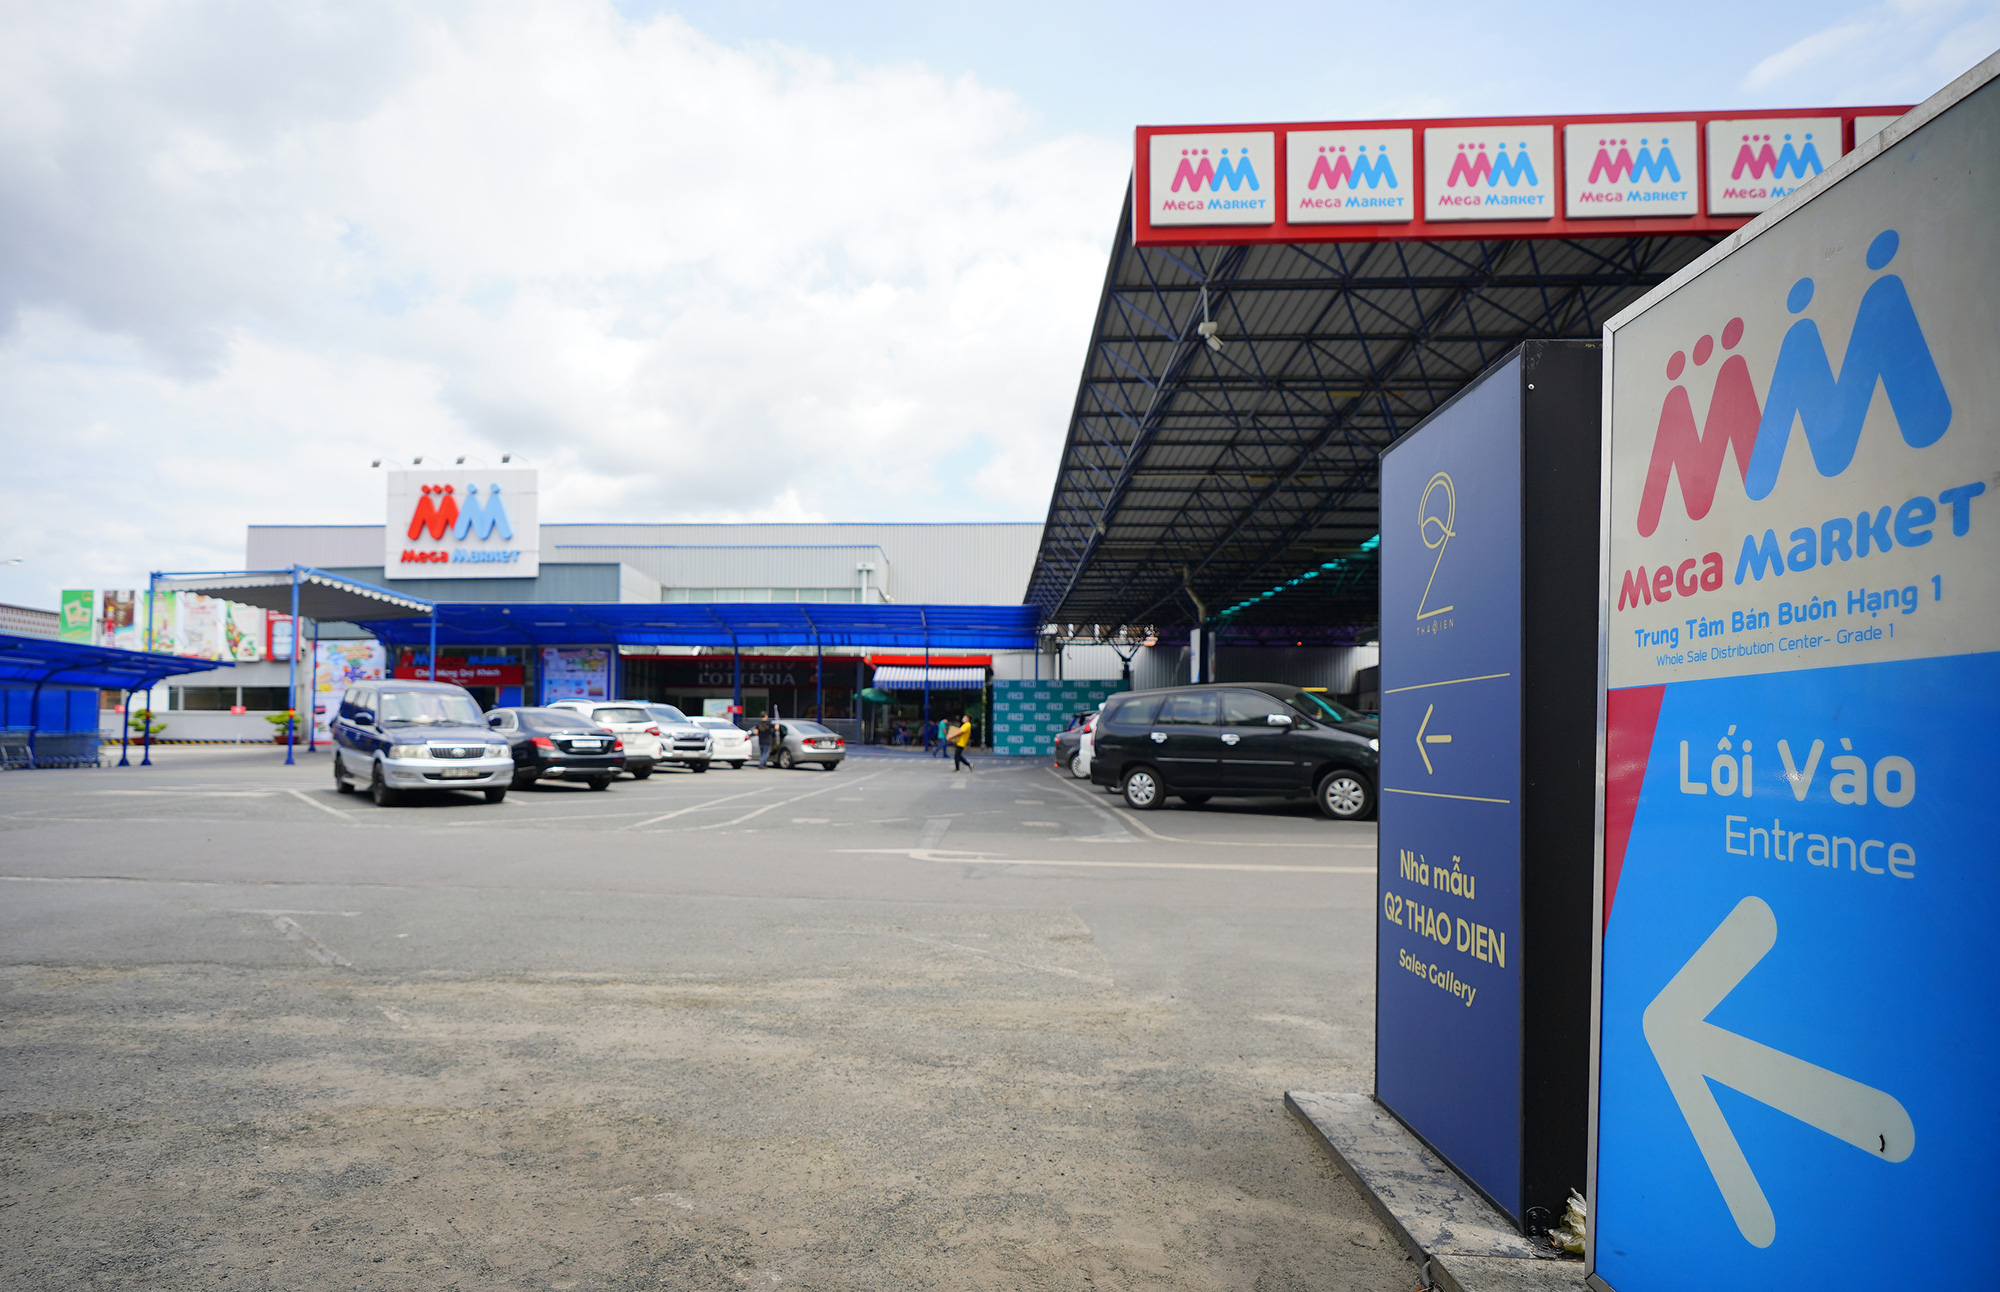 MM Mega Market Việt Nam: Chúng tôi học được rất nhiều sau 3 tháng Việt Nam chiến đấu với đại dịch Covid-19, đã đến lúc phải triển khai sớm hơn những chiến lược định sẵn - Ảnh 1.